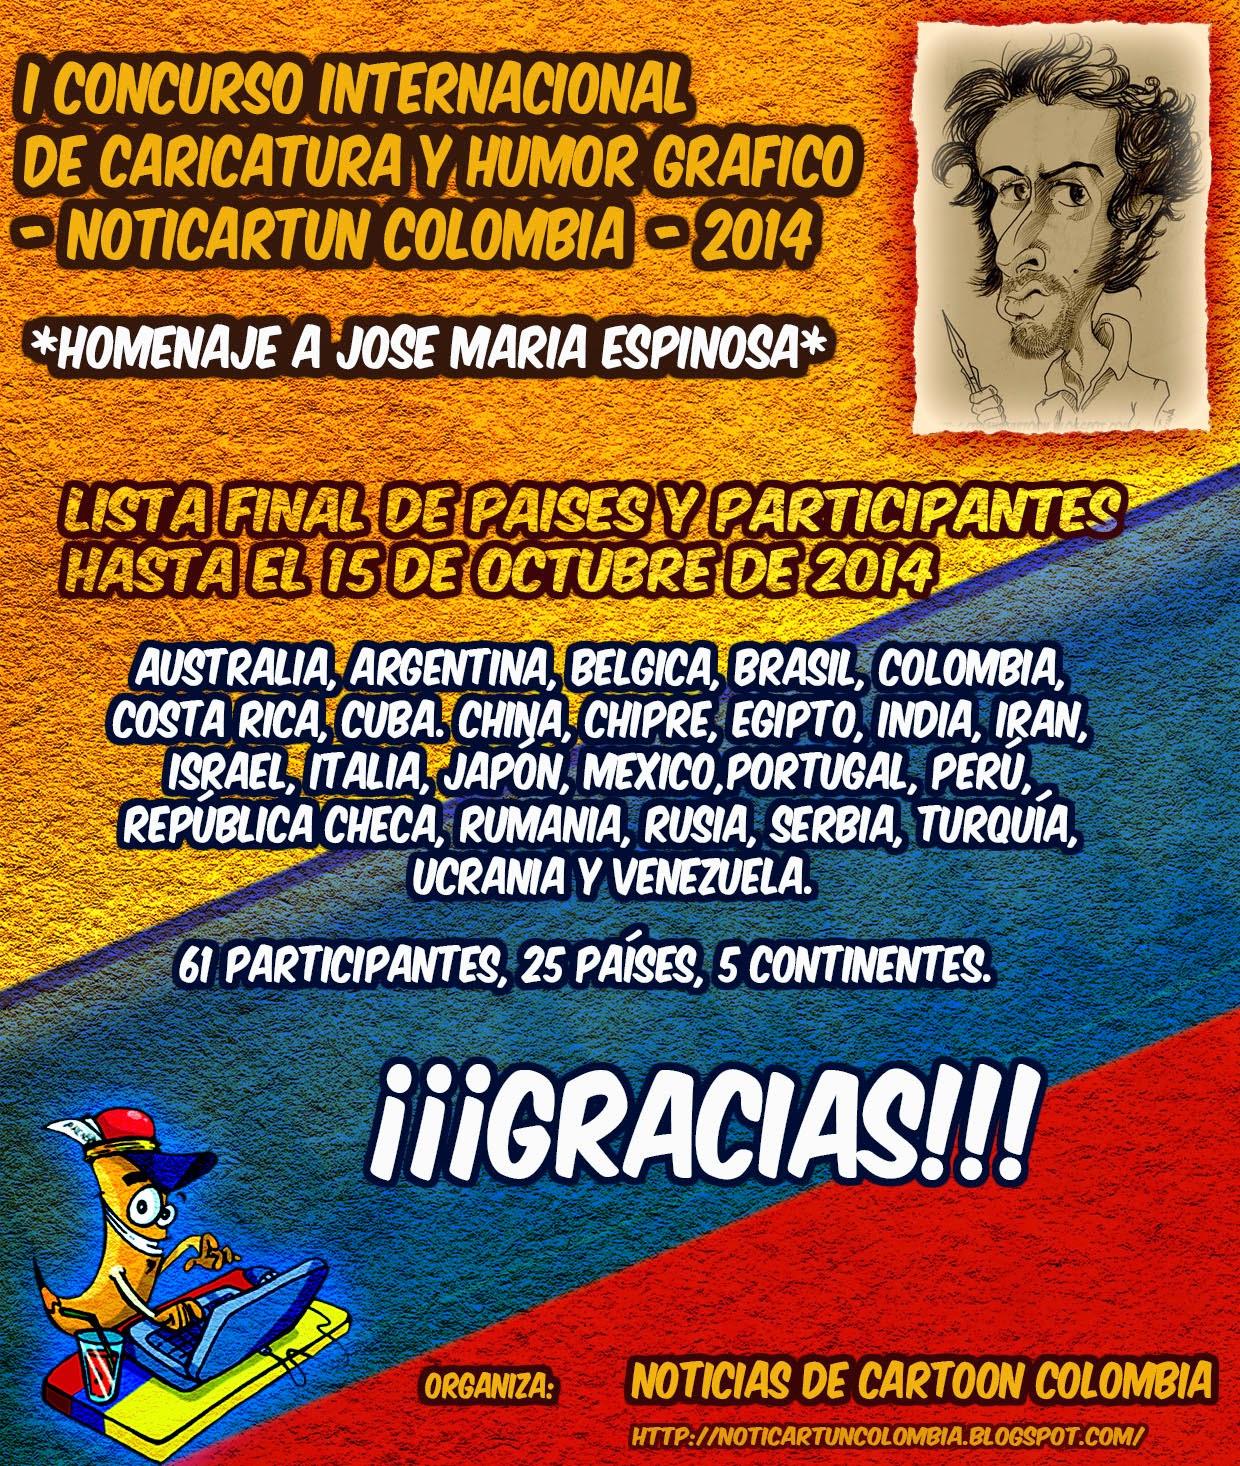 LISTA OFICIAL DE PARTICIPANTES (Cierre: 15 de Oct.)